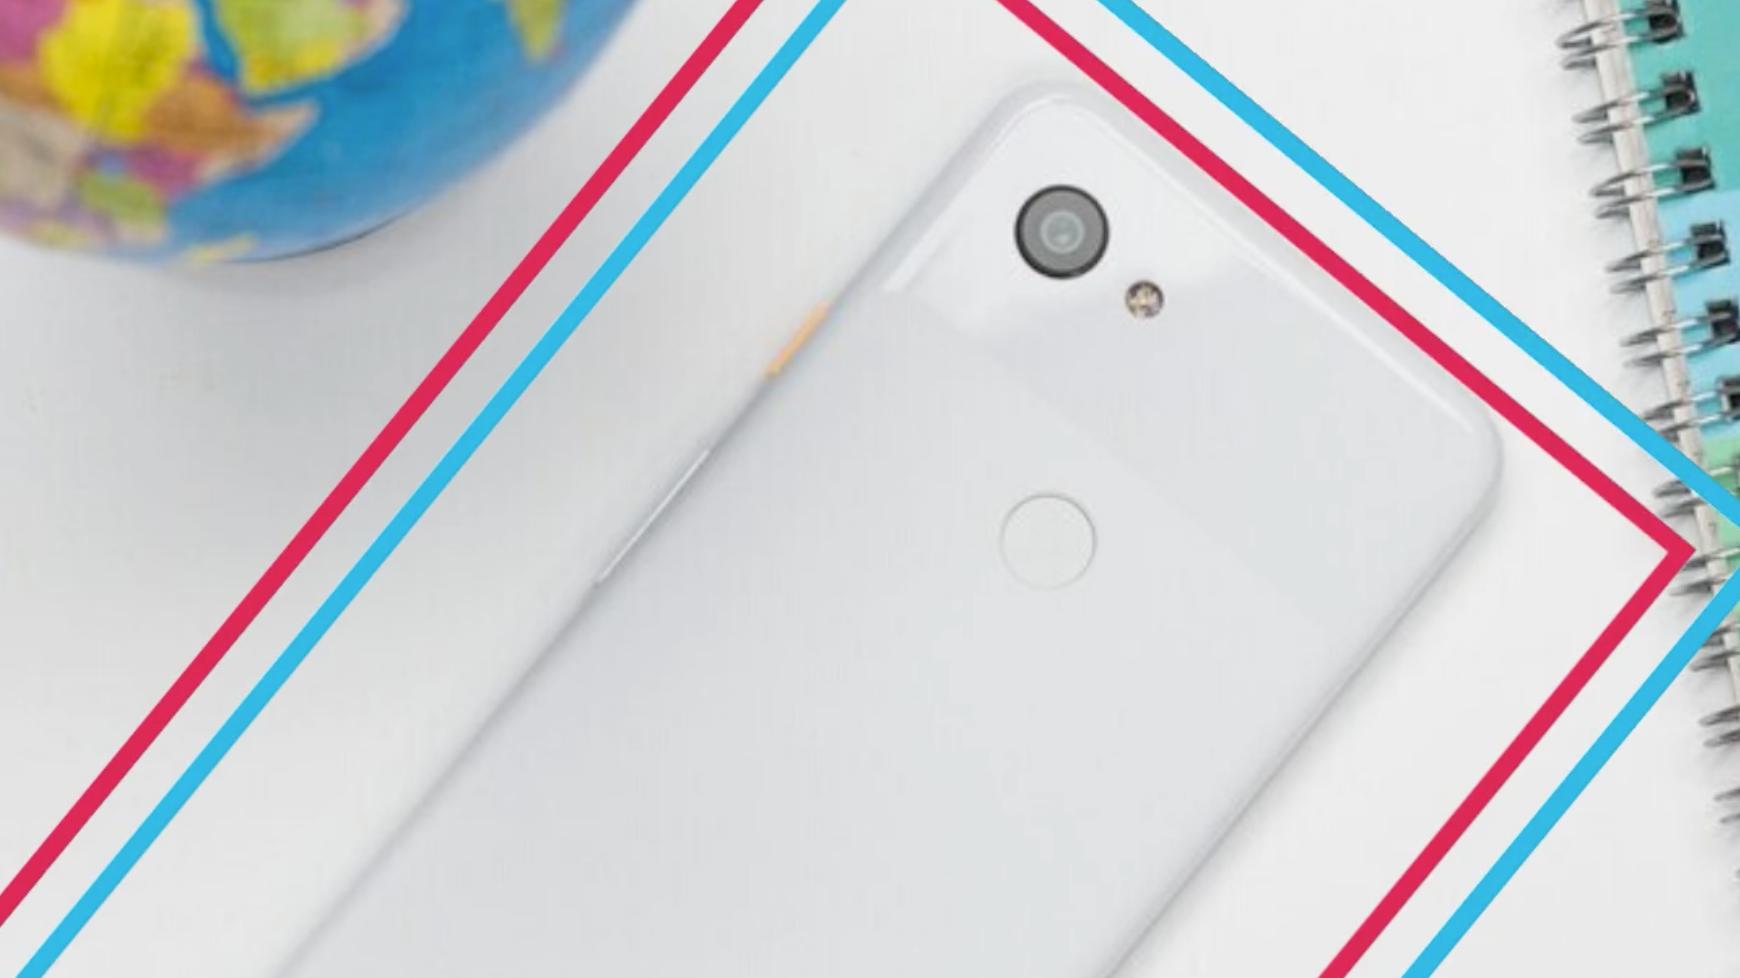 Pixel 4a kommer att tillkännagivas i maj 2020